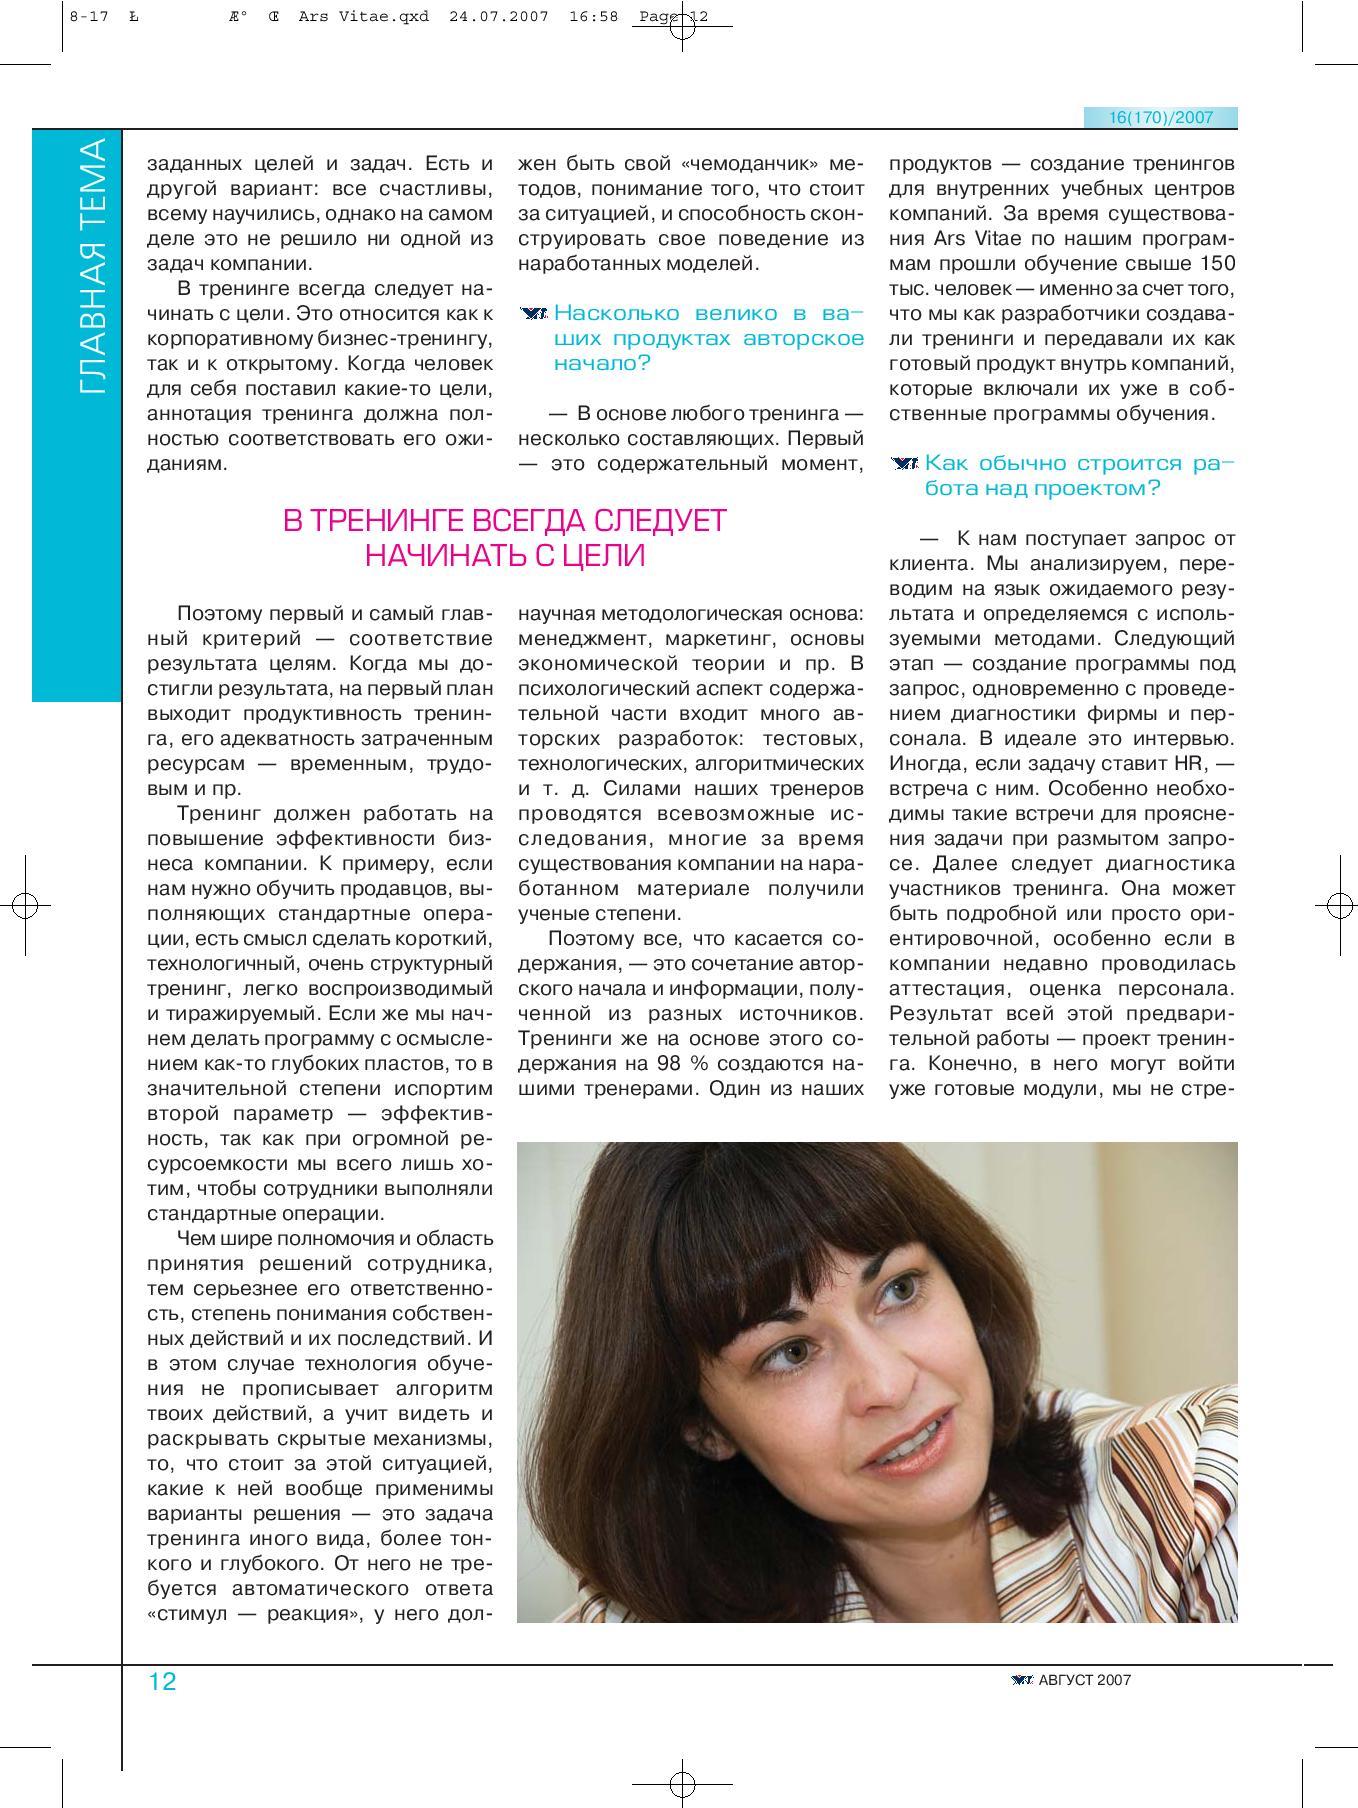 8-17__intervyu_oblozhka_Ars_Vitae-page-005.jpg